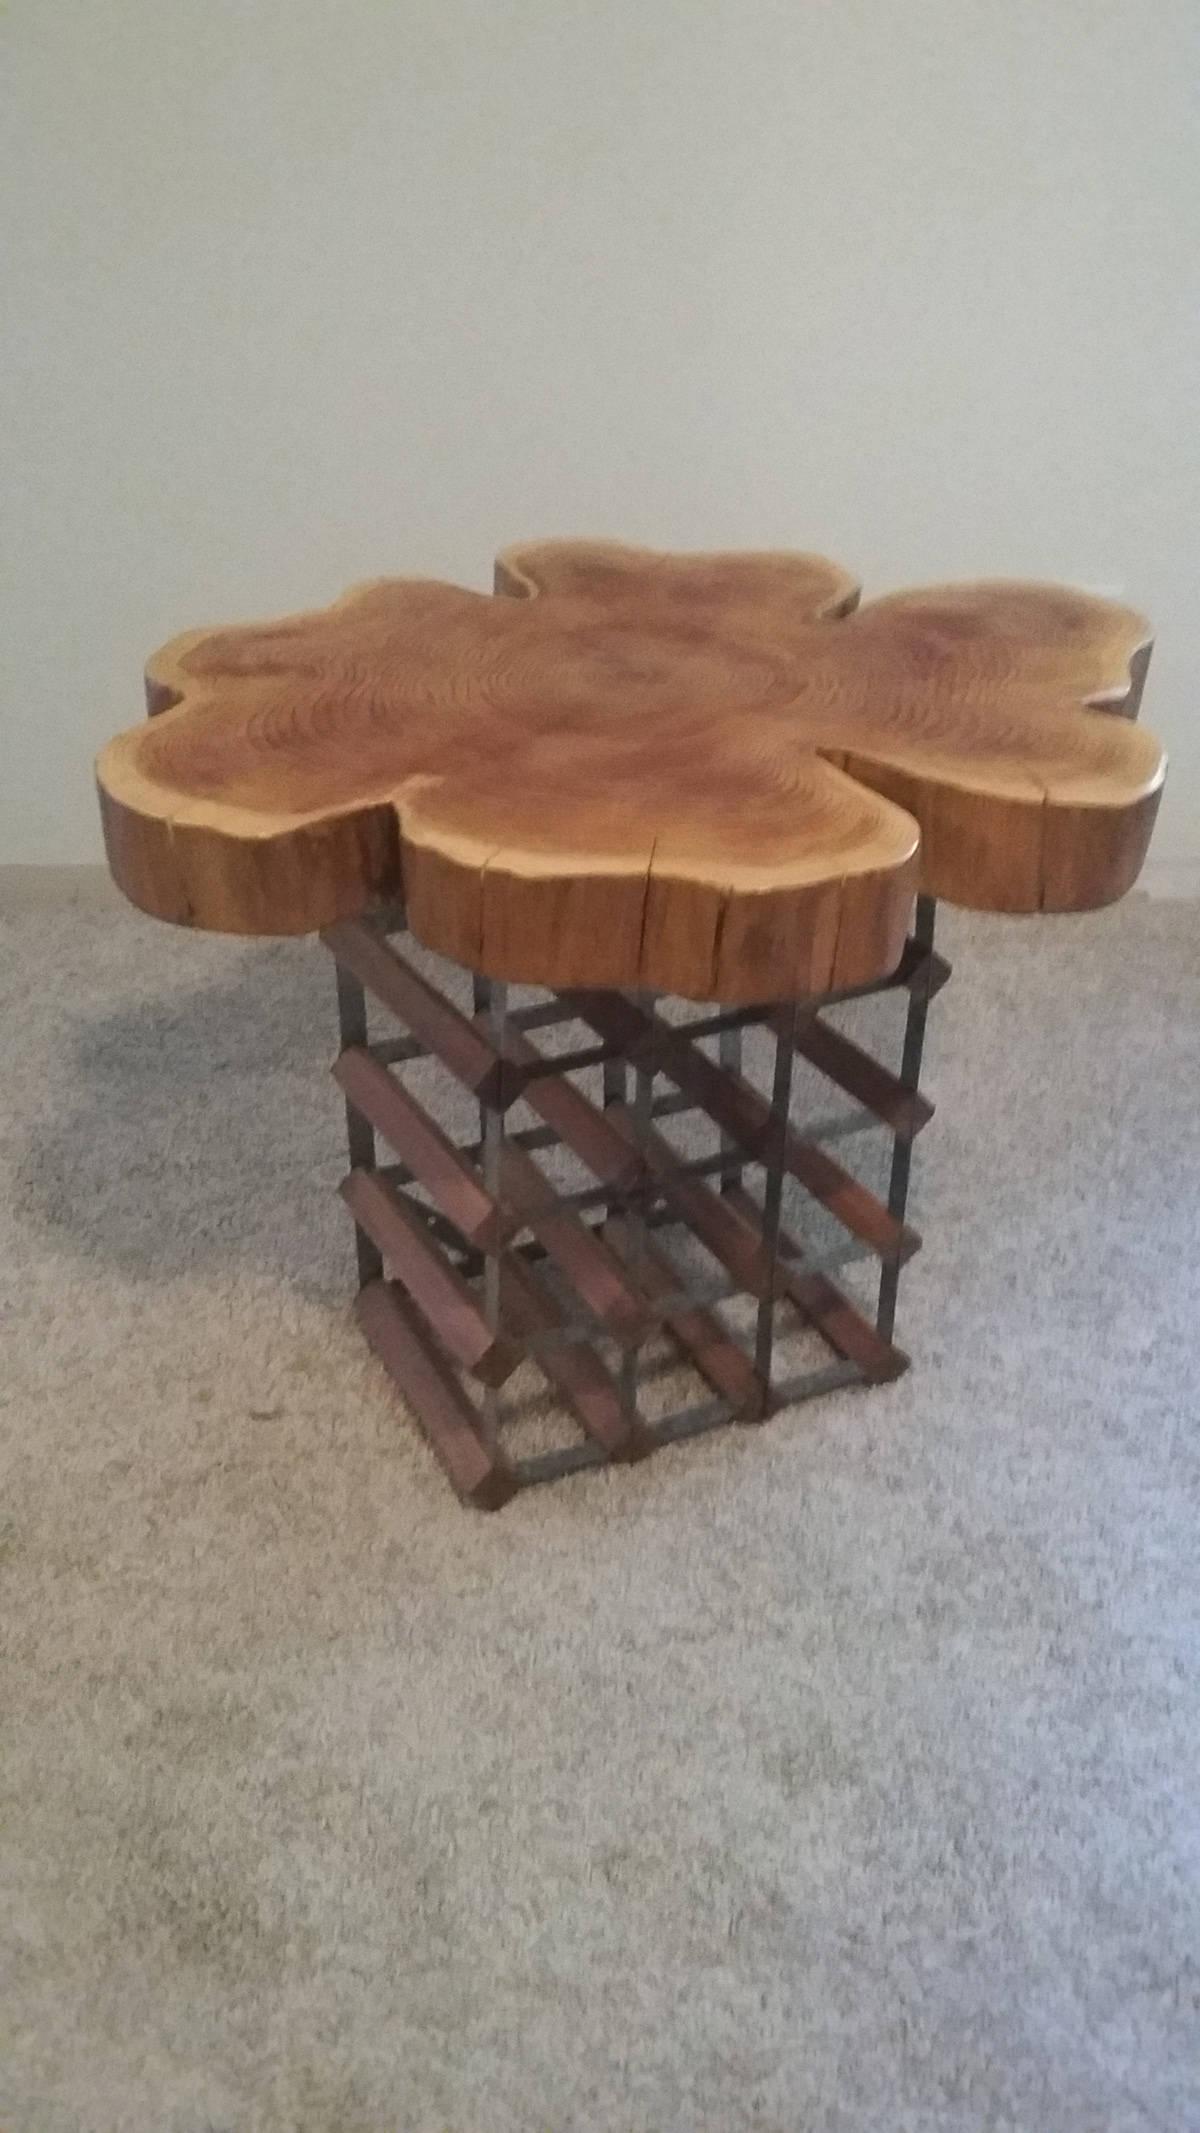 Western red cedar table top western red cedar live edge table top - Unique Live Edge Western Red Cedar Slab Table Wine Rack